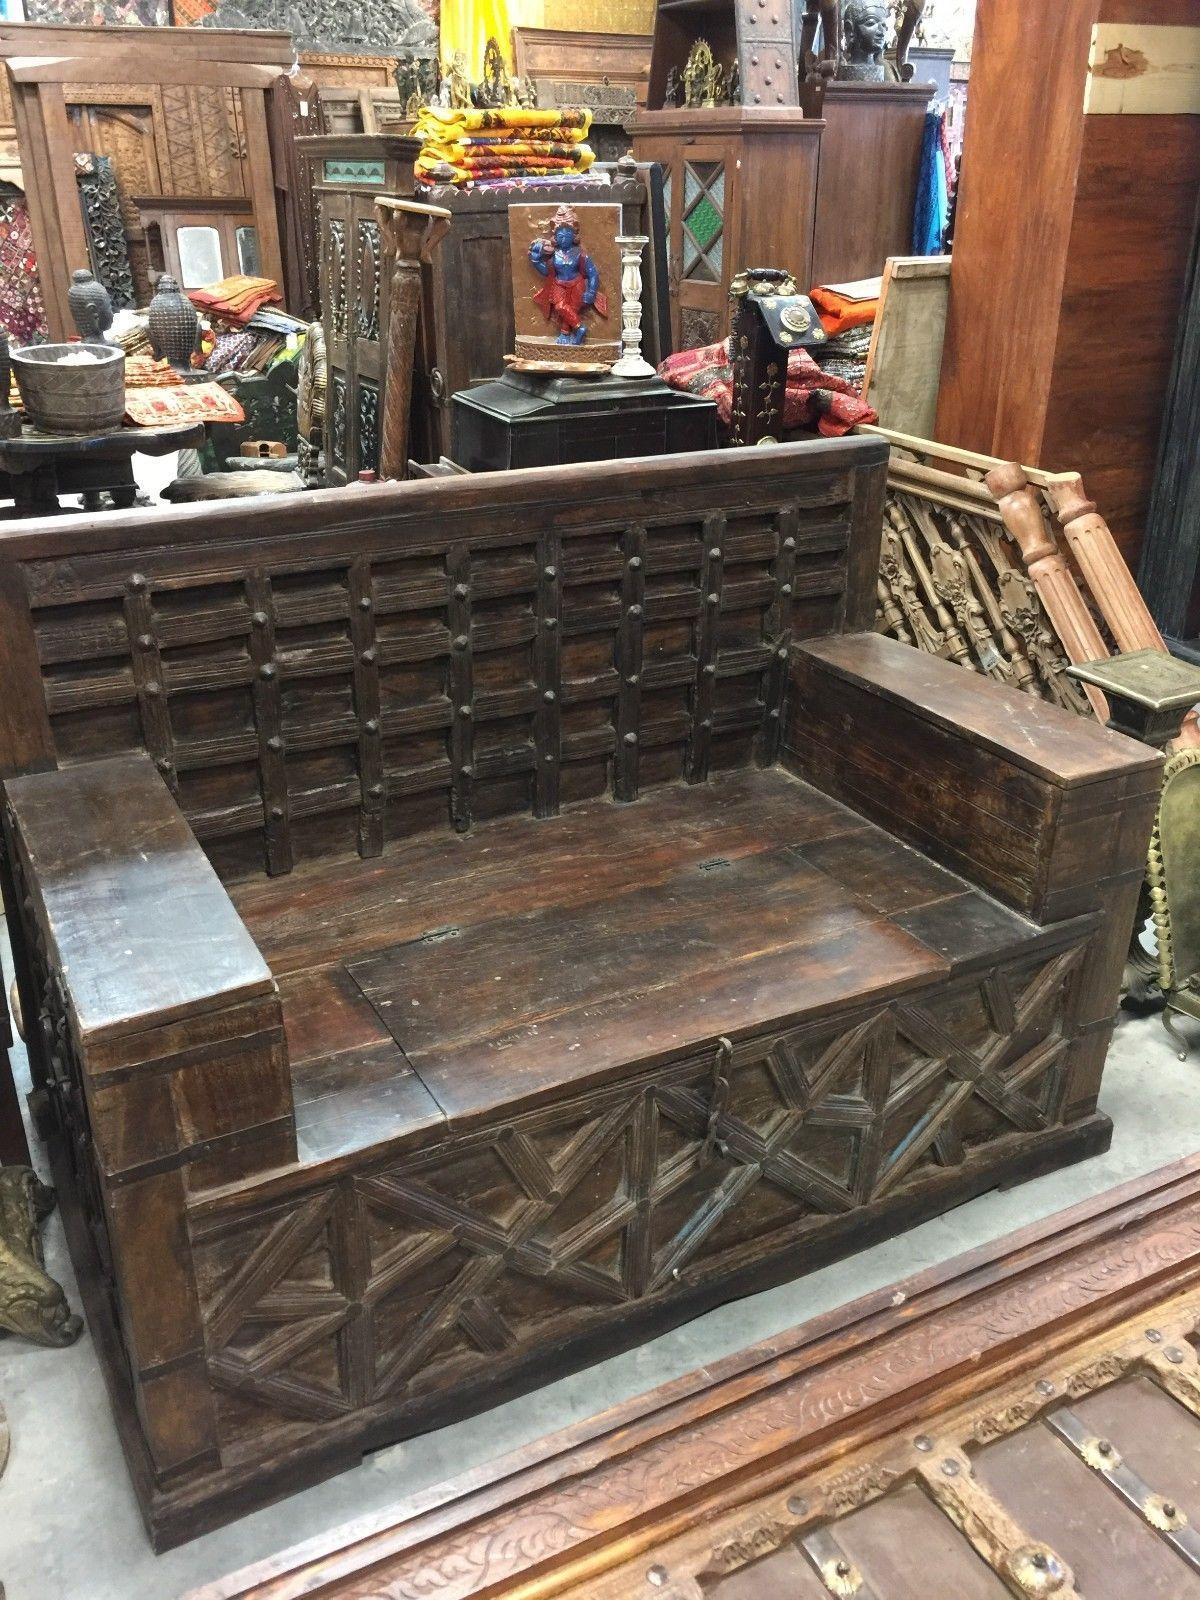 Antique Diwan Indian Bench Teak Sofa Hand Carved Iron Patina Squares Storage